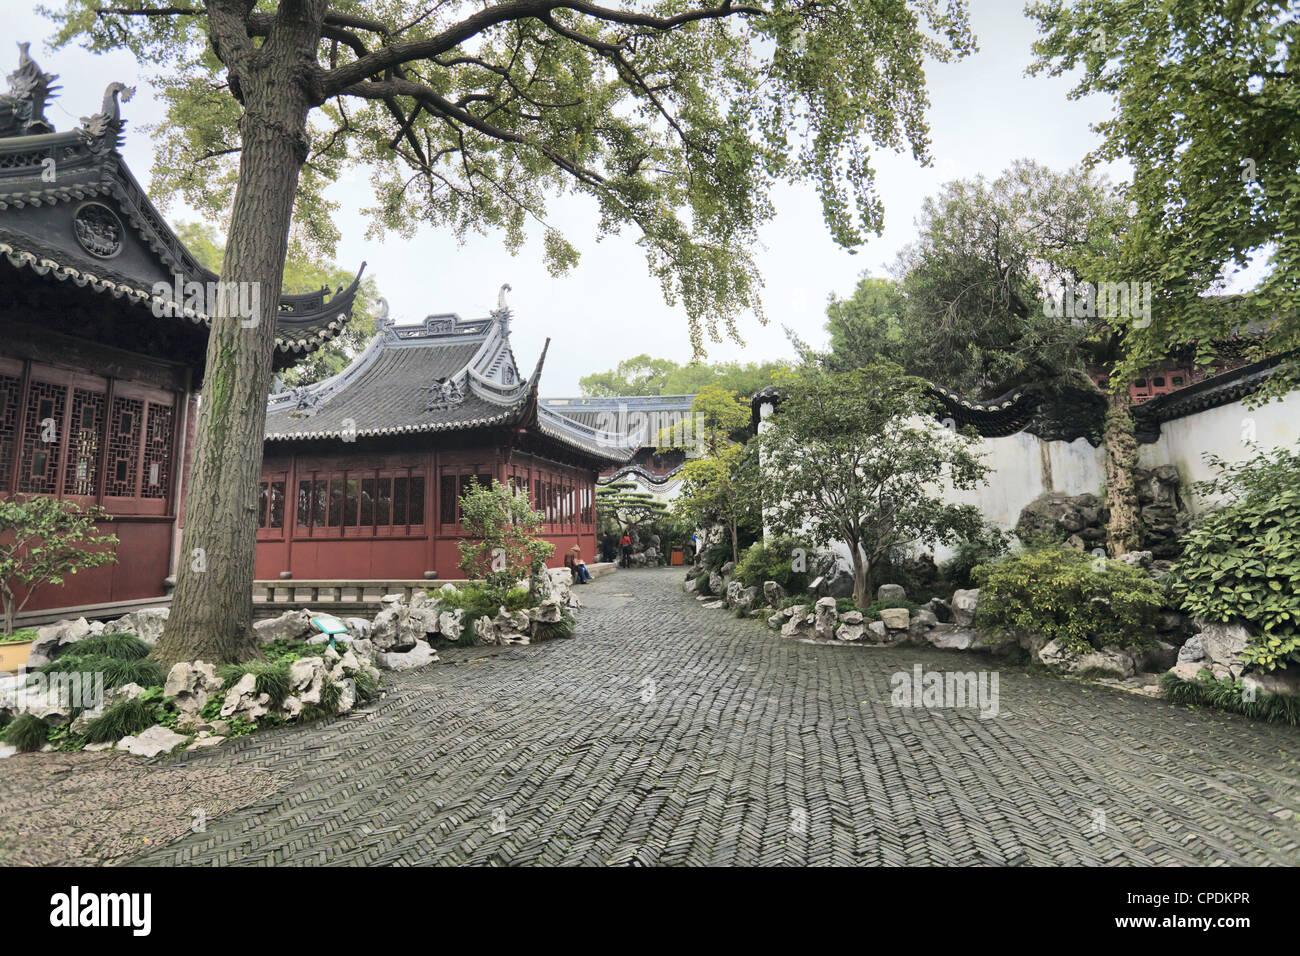 Yu Yuan (Yuyuan) Gardens, Shanghai, China, Asia - Stock Image